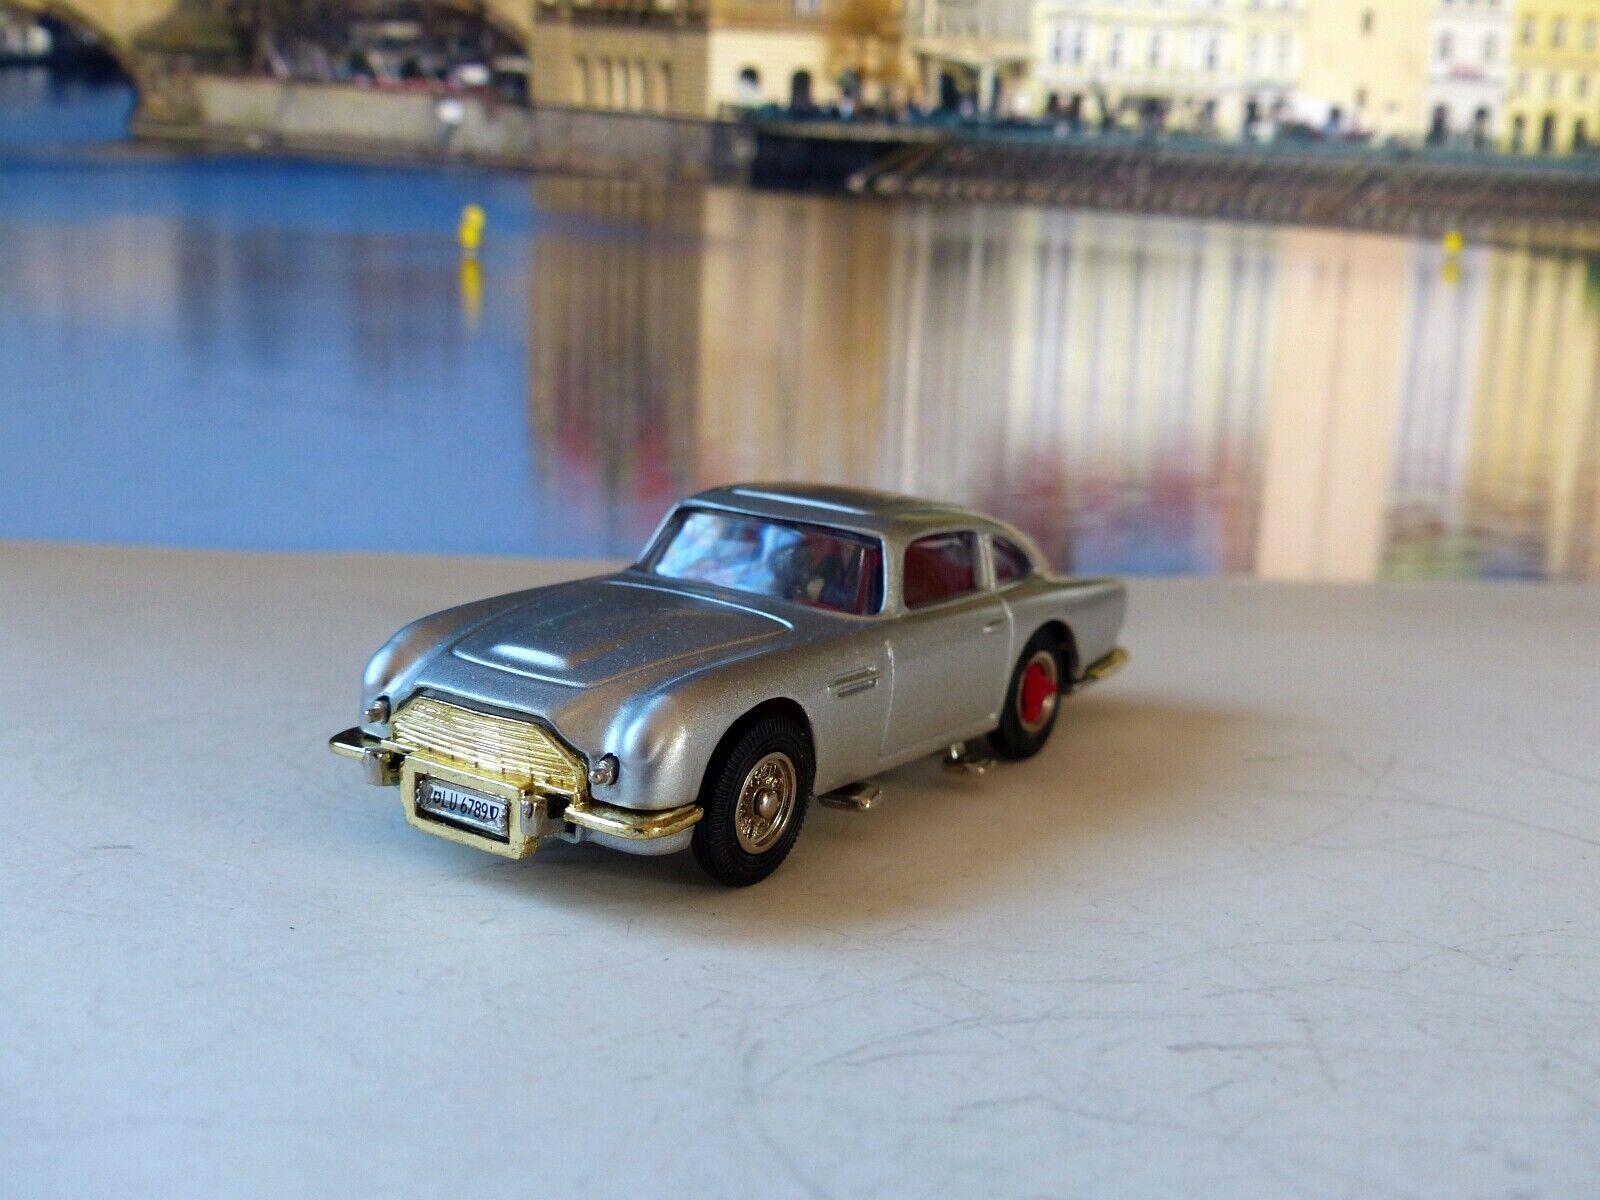 CORGI giocattoli 96655 James Bond Aston Martin DB5 IN SCATOLA ORIGINALE